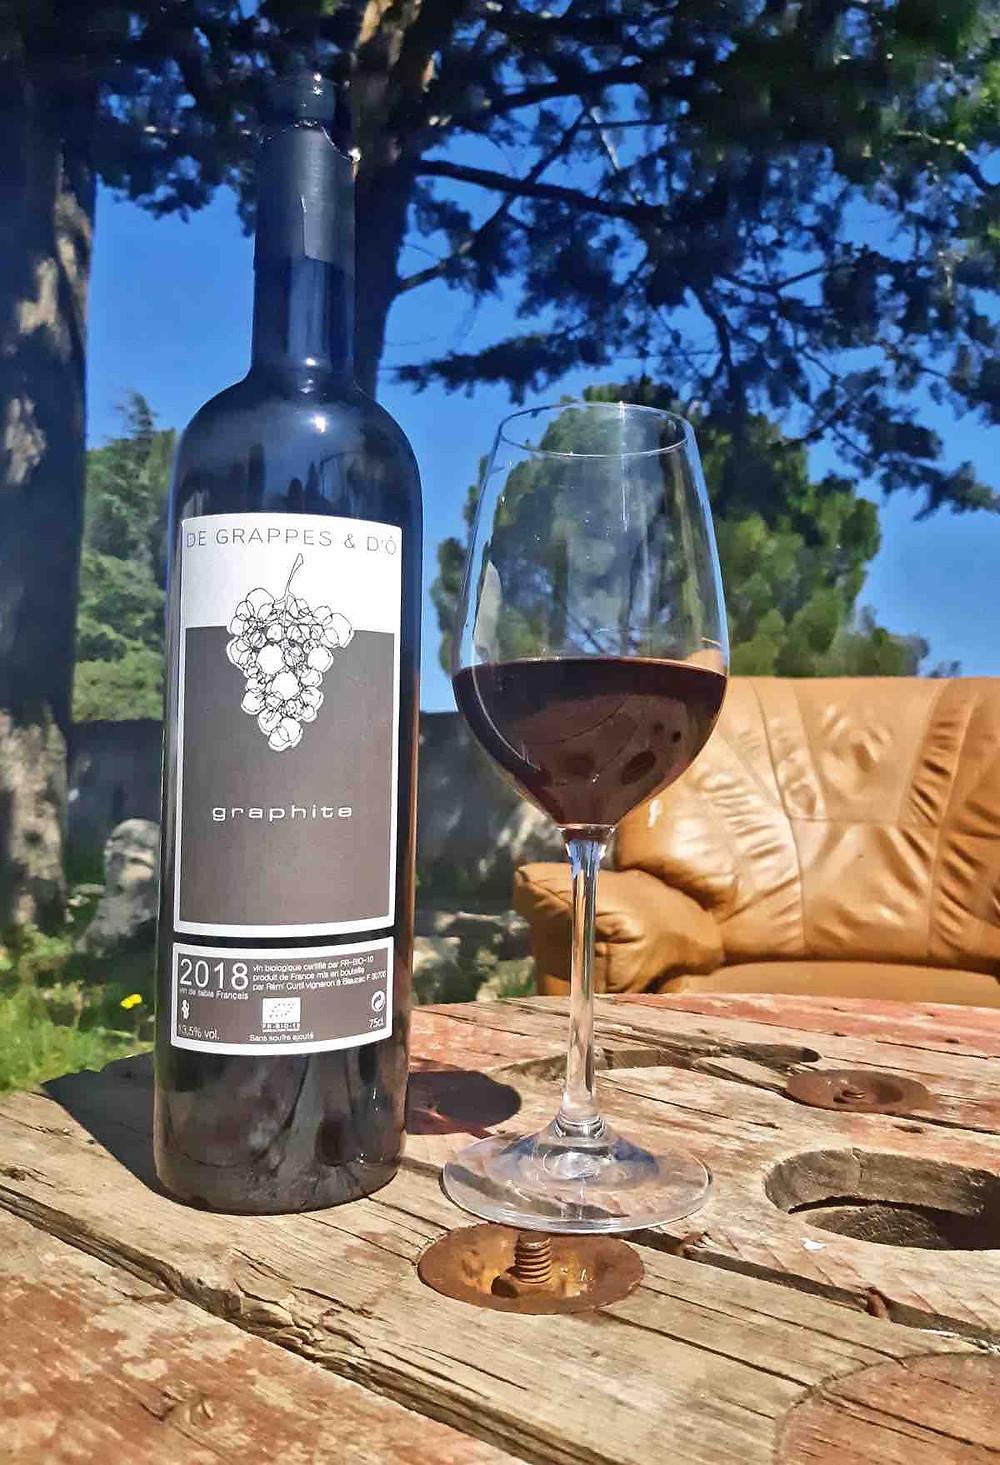 Rémi Curtil a fait du Vin de France un véritable choix. Sur ses quatre cuvées, deux sont en Vin de France. Pour lui, c'est la liberté totale de pouvoir travailler ses vins comme il l'entend, avec comme objectif qu'ils soient représentatifs du terroir et du millésime. Pour Rémi, un Vin de France est avant tout une « signature de vigneron ». En plus d'être en agriculture biologique, tous les vins sont vinifiés naturellement. Pour la cuvée « Graphite », c'est seulement 1200 bouteilles pour l'année 2018 avec un rendement très bas de 15 hl à l'hectare. Dans le verre, cela donne un vin soyeux, aux arômes de fraise, de myrtille et de violette. Une belle Syrah ample aux tanins délicats avec une longueur florale. Un vin d'une grande finesse. Bref, une jolie signature. Prix : 11 euros